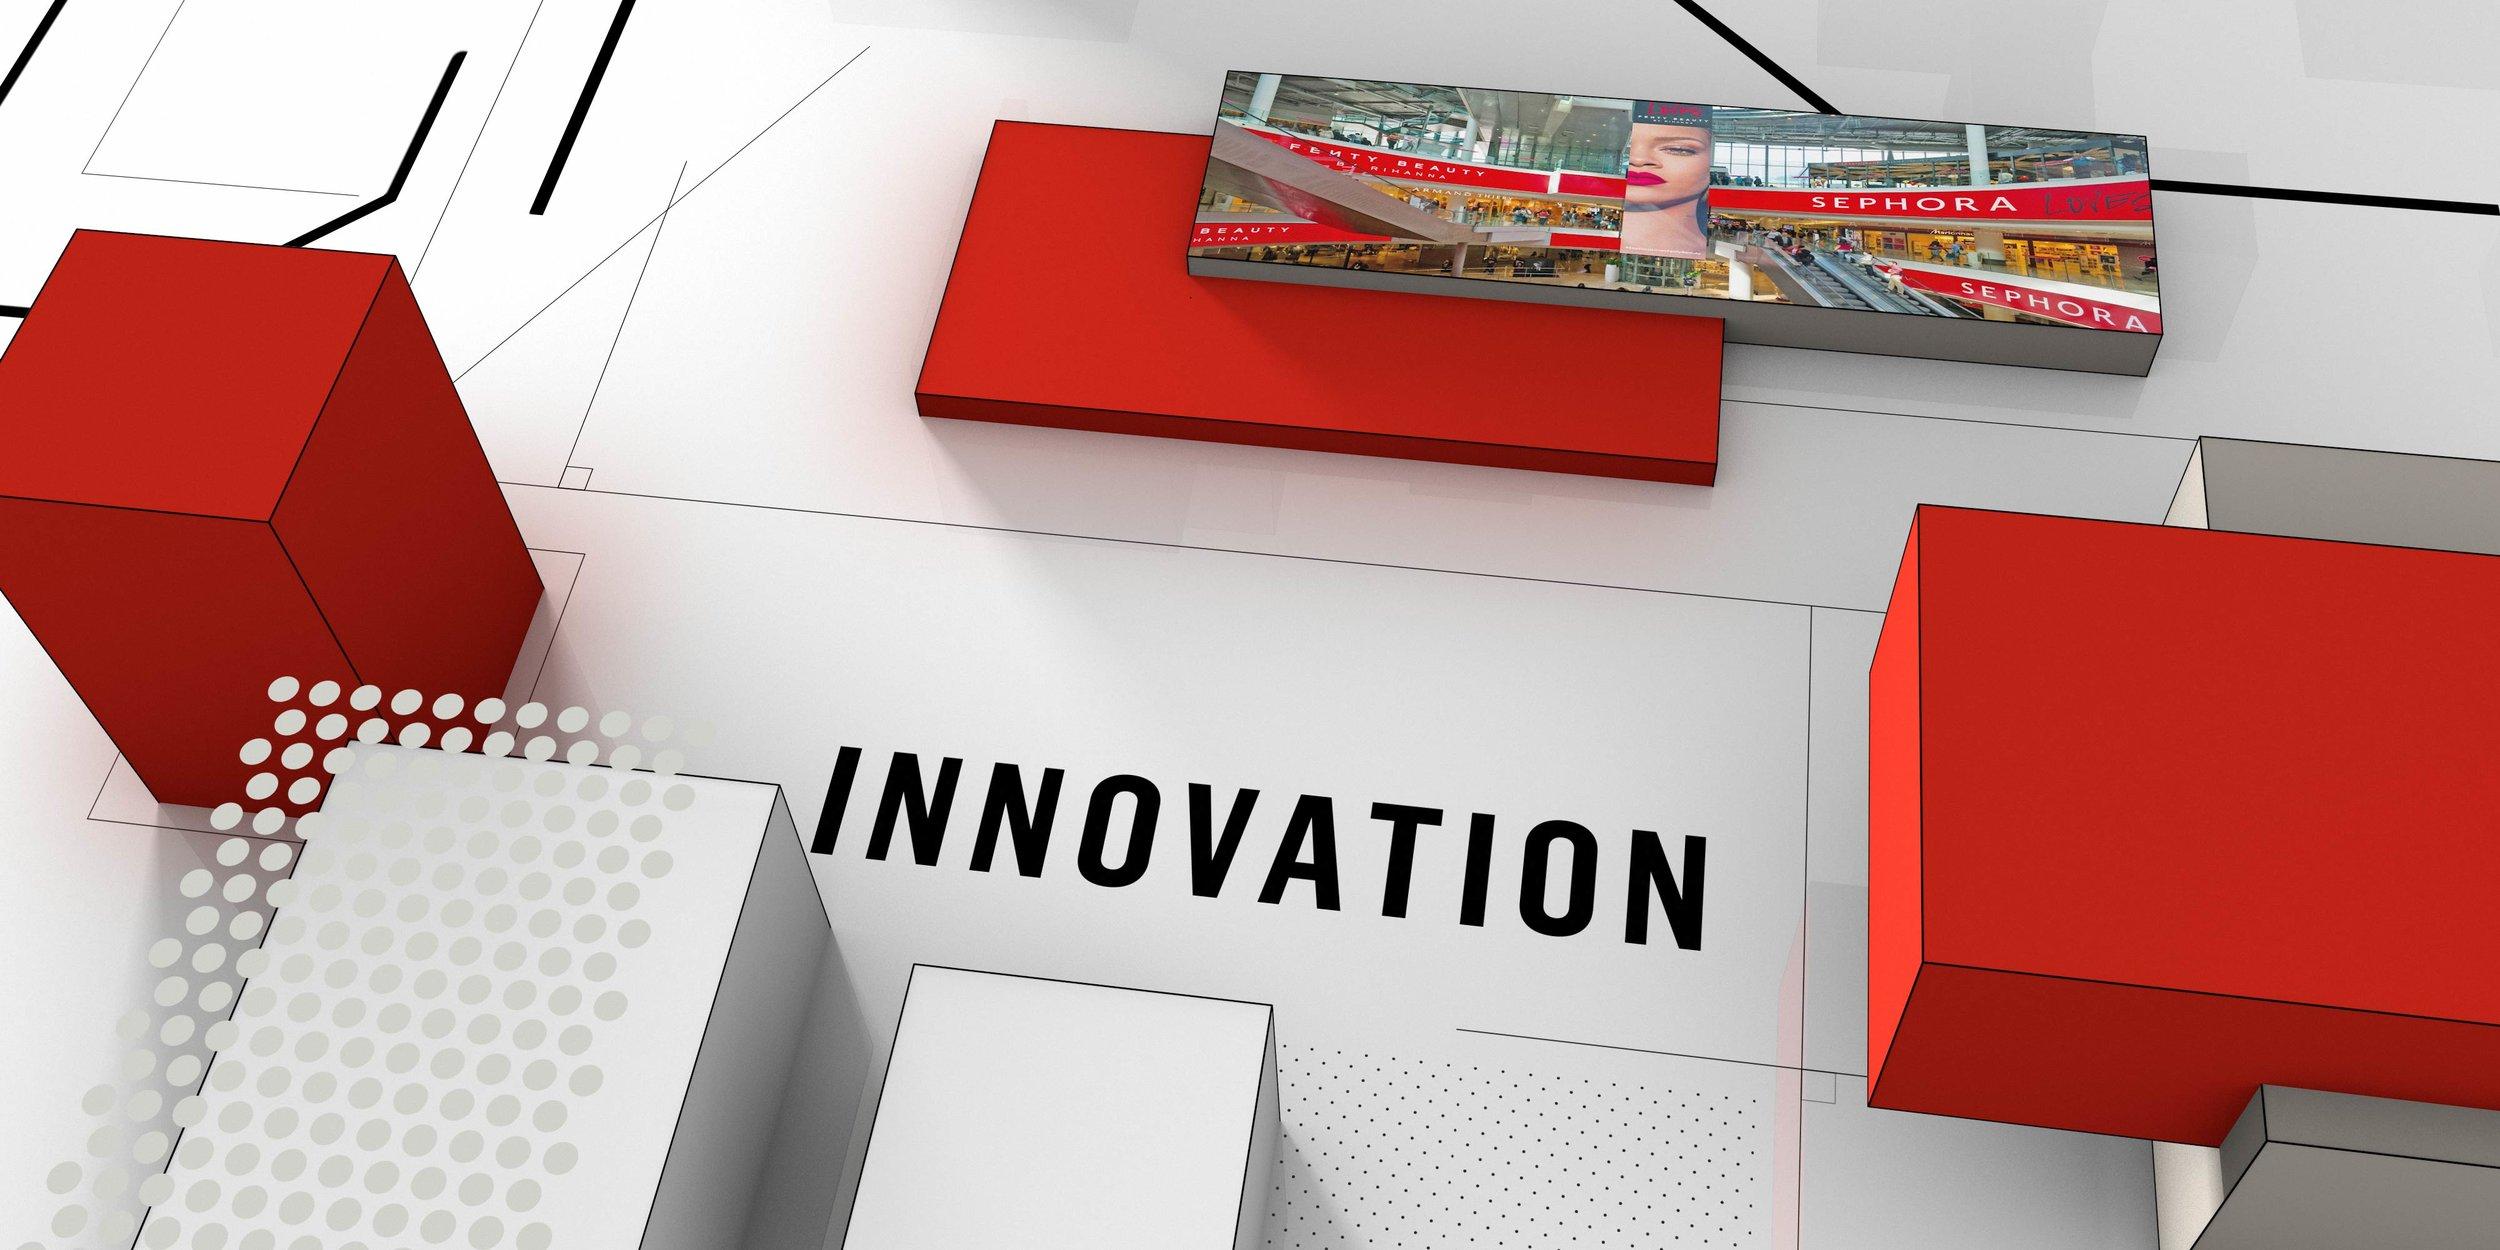 Innovation01.jpg